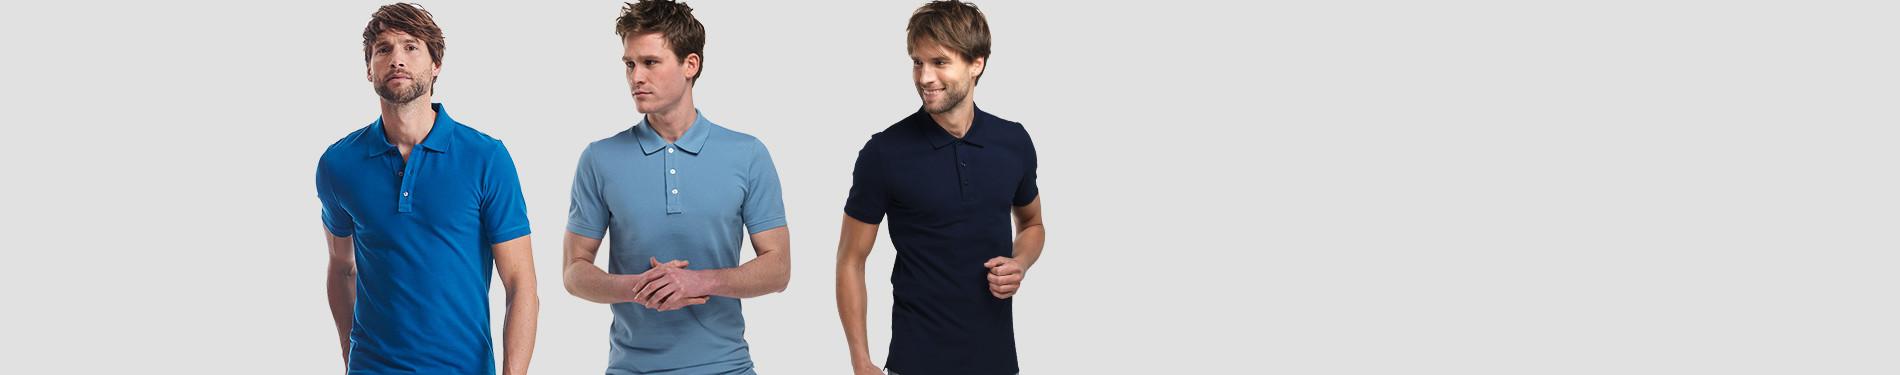 Blauwe Poloshirts